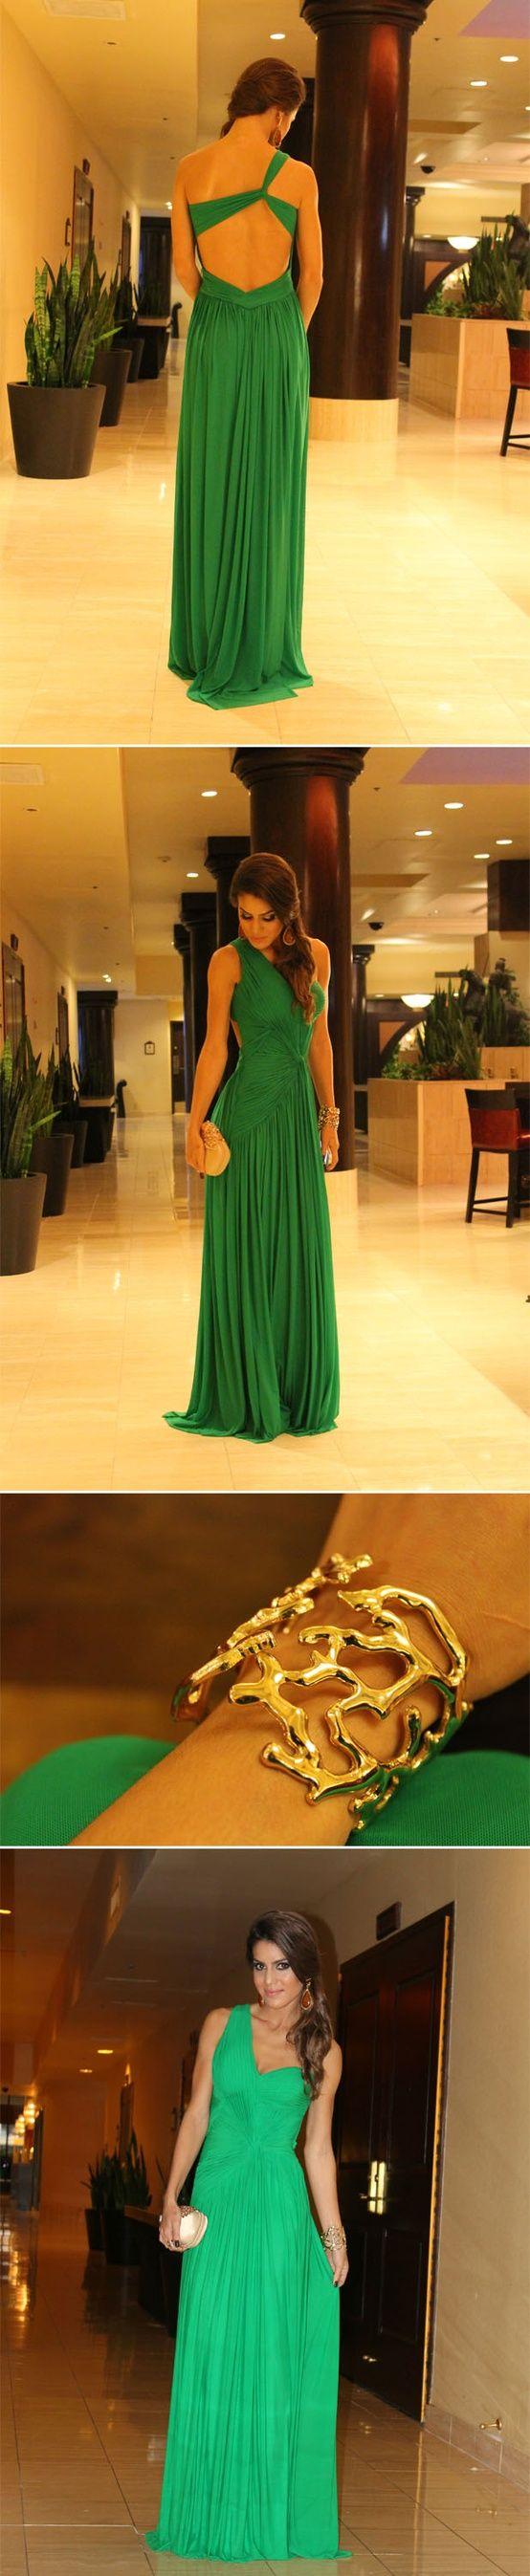 Si tienes un evento que se aproxima, ya sea una boda, un cumpleaños y es de gala, pues no te queda mas que usar un elegante y trendy vestido de noche, puede ser largo o corto, el toque de elegancia seRead More